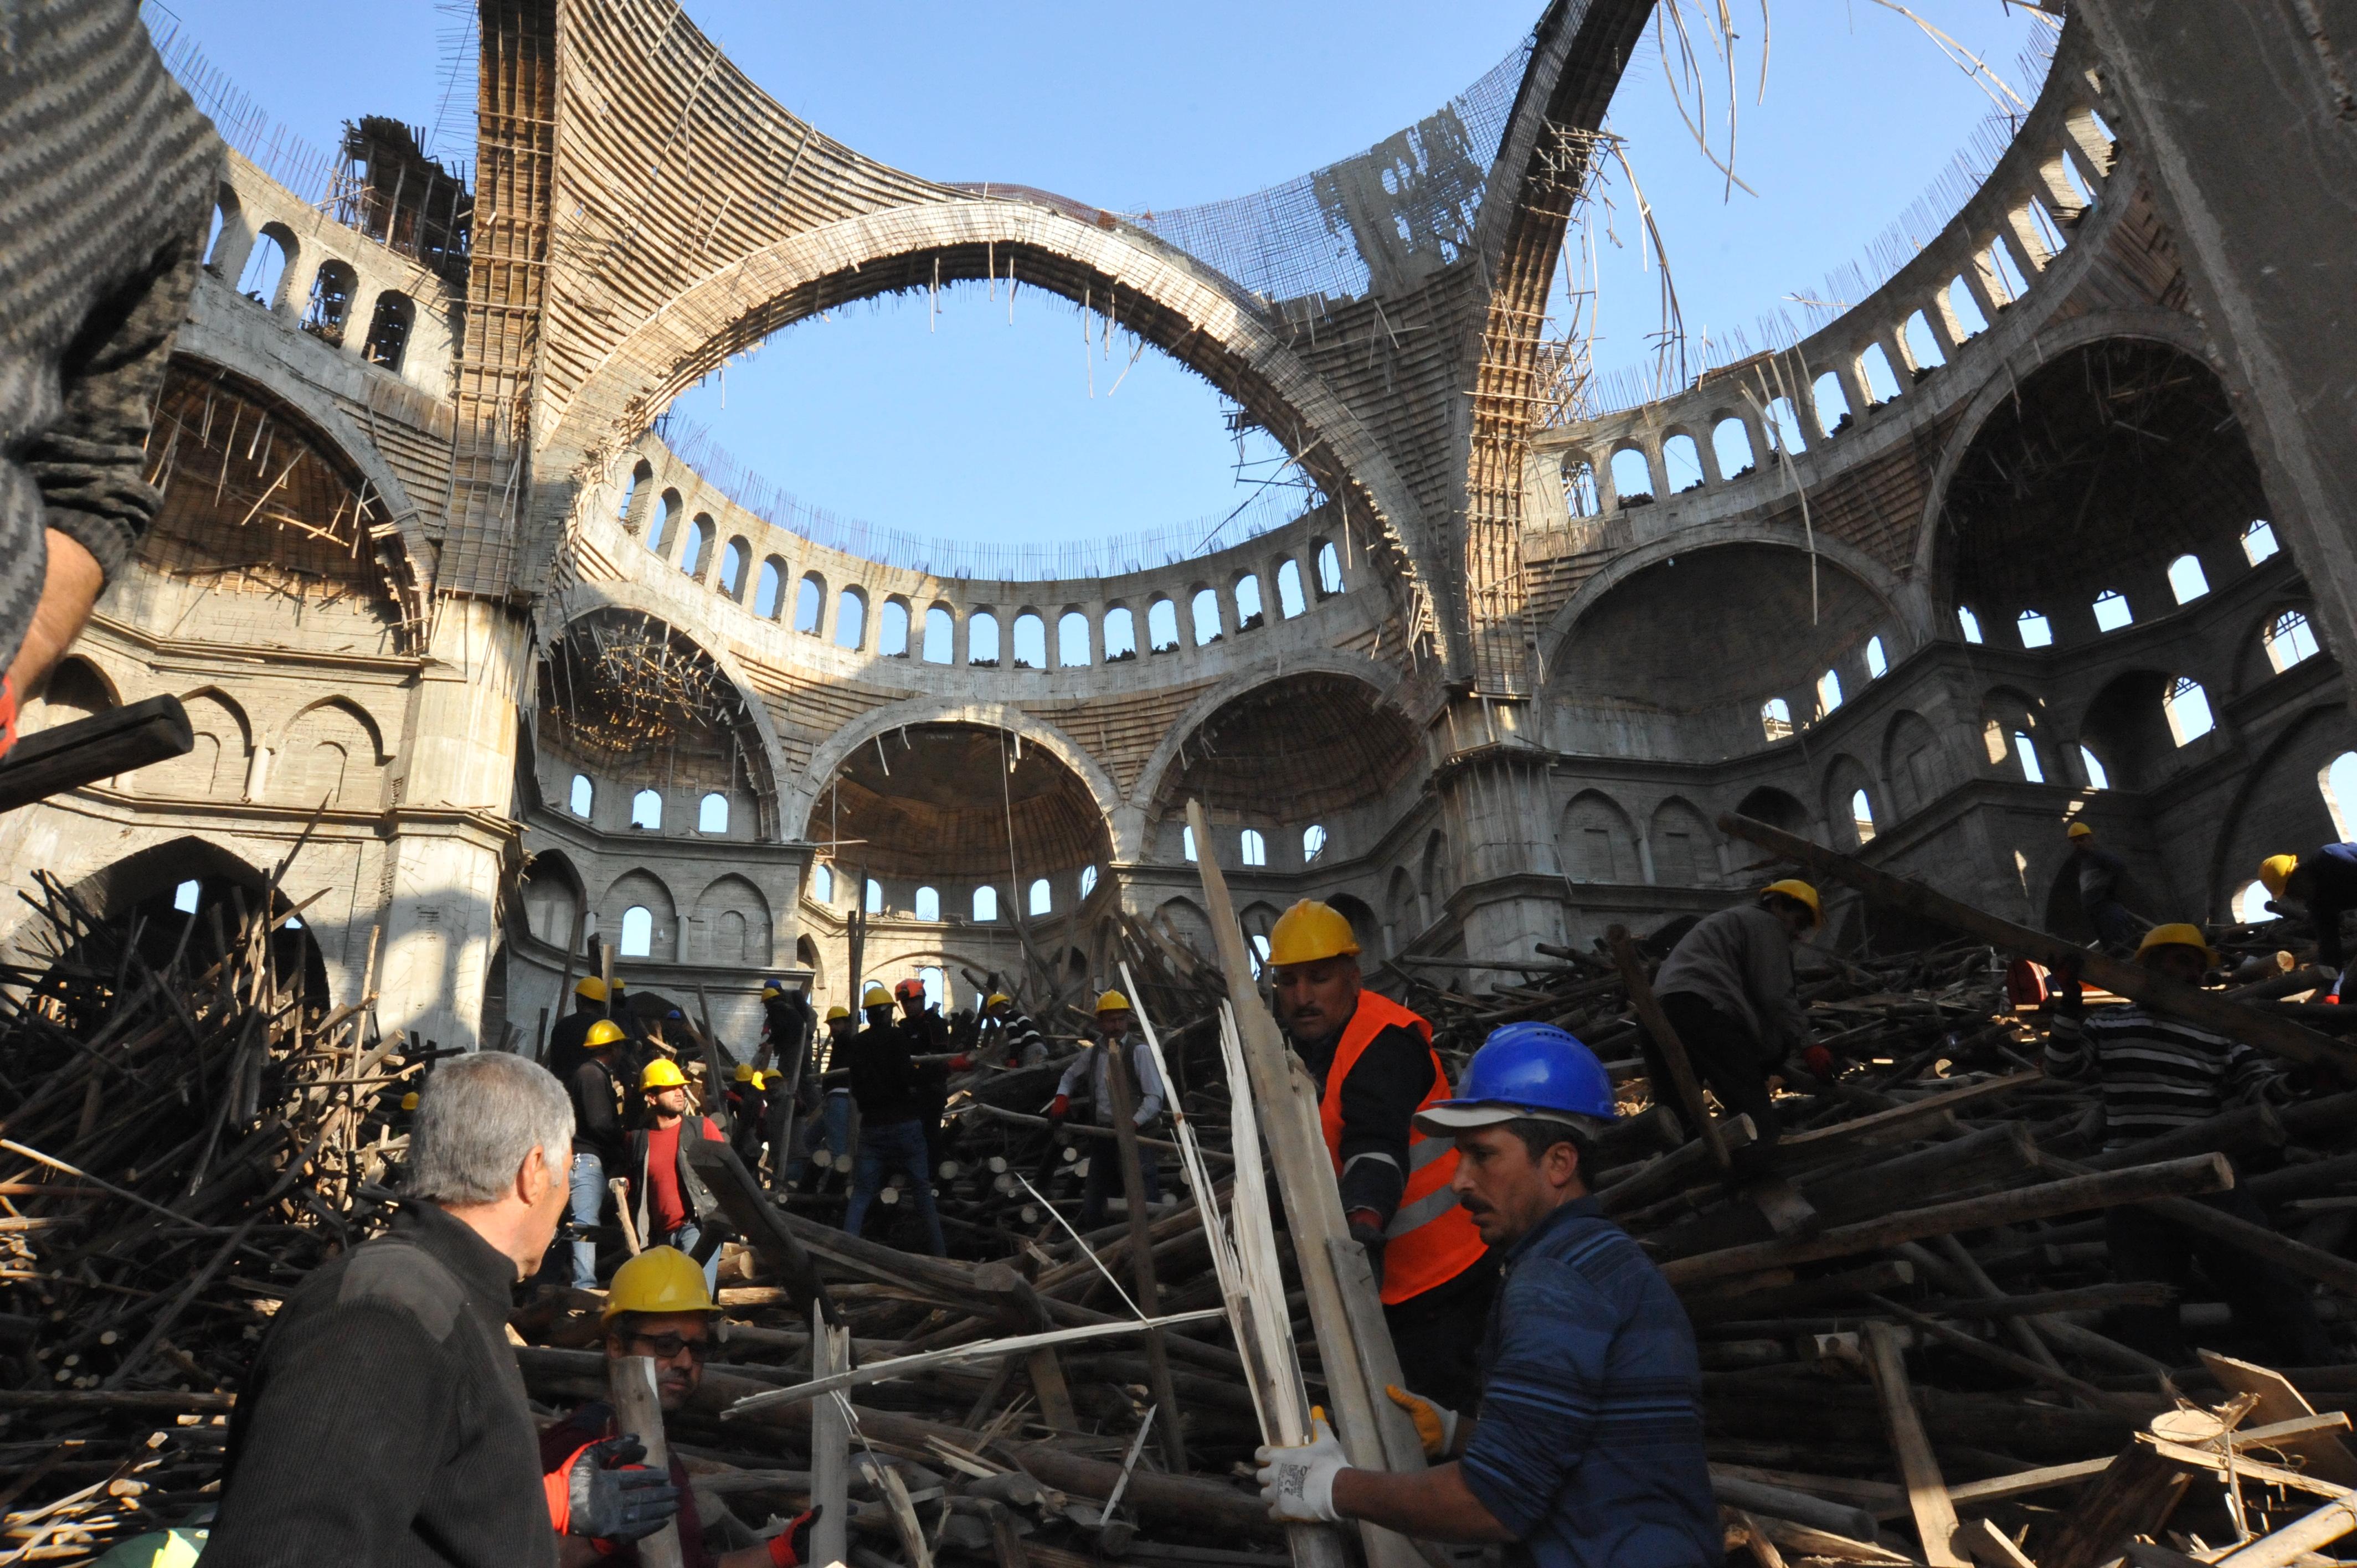 Gaziantep'te Cami İnşaatında İskele Çökmüştü: Enkaz Altında Kalan Mühendisi Arama Çalışmaları Sürüyor